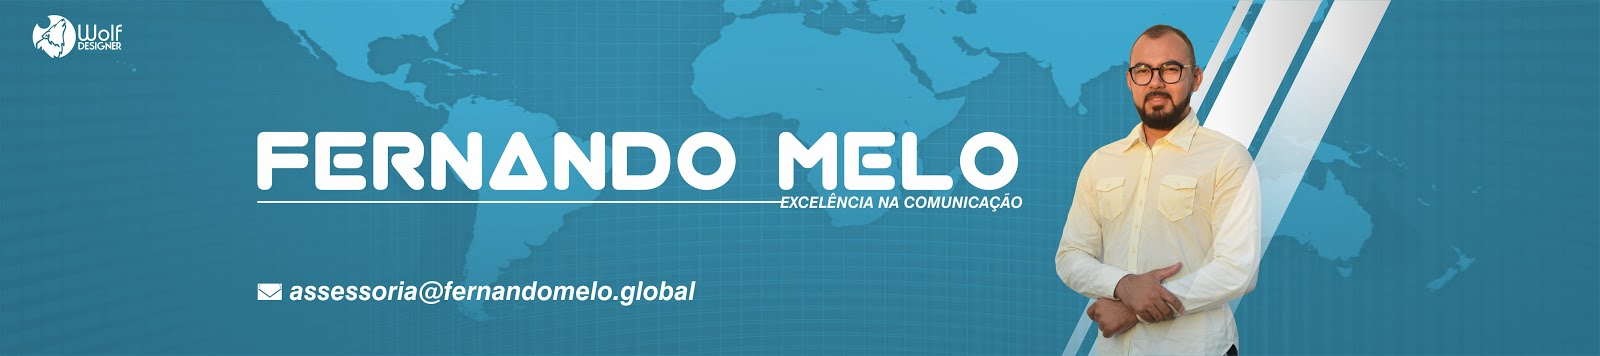 Fernando Melo |  Tópicos de cultura, política, eventos e diversidade